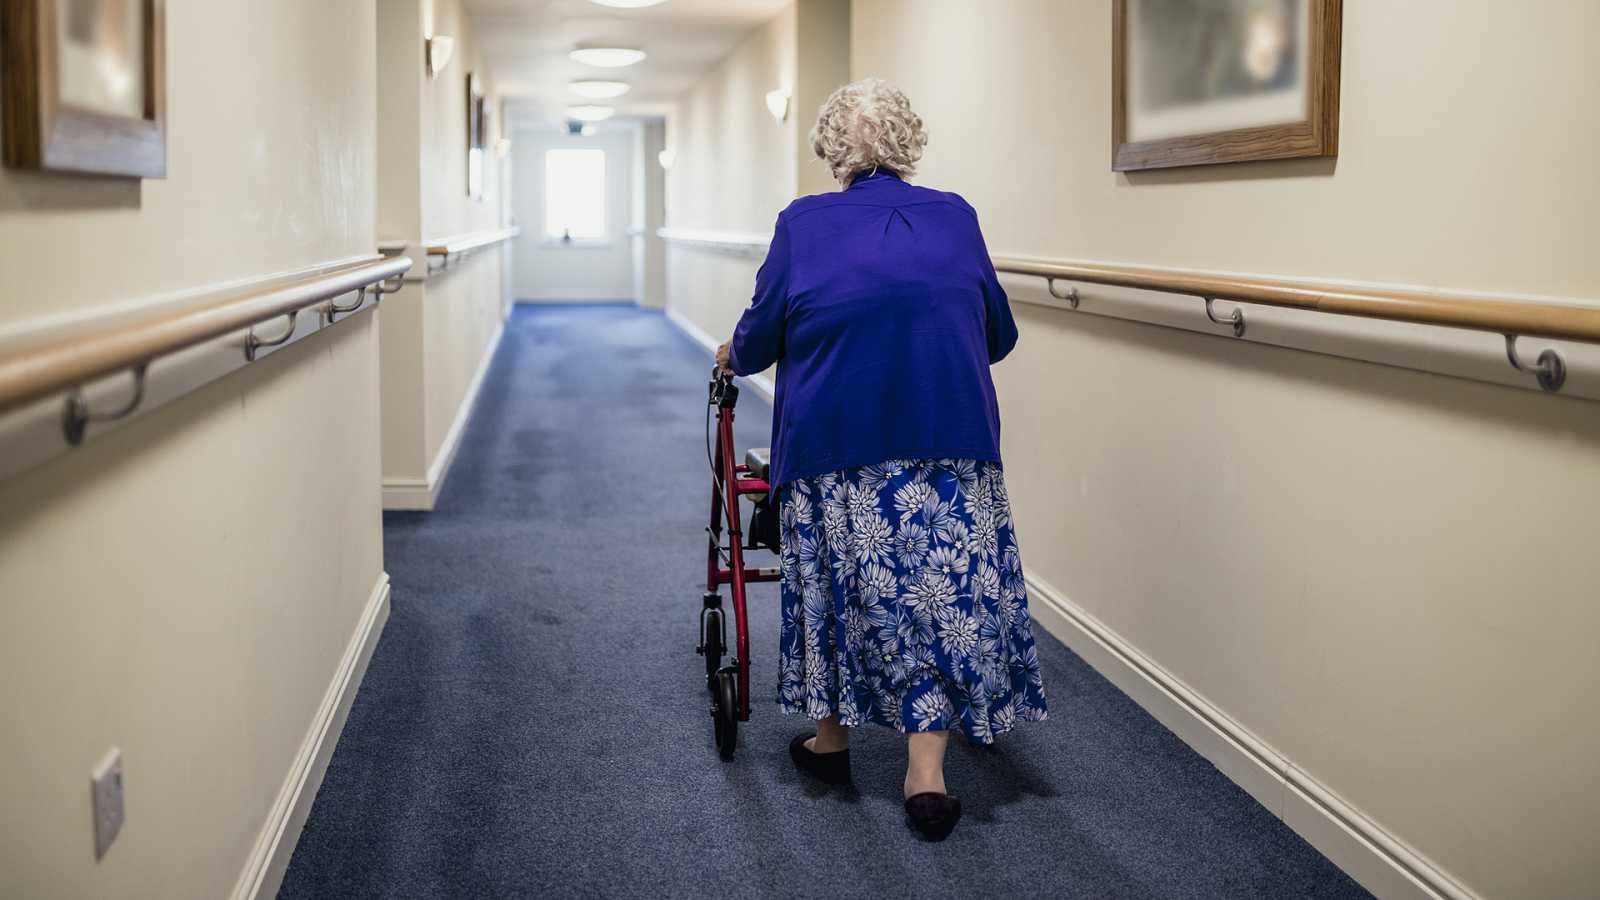 Punto de enlace - España necesita 70.000 camas para dependientes en residencias - escuchar ahora